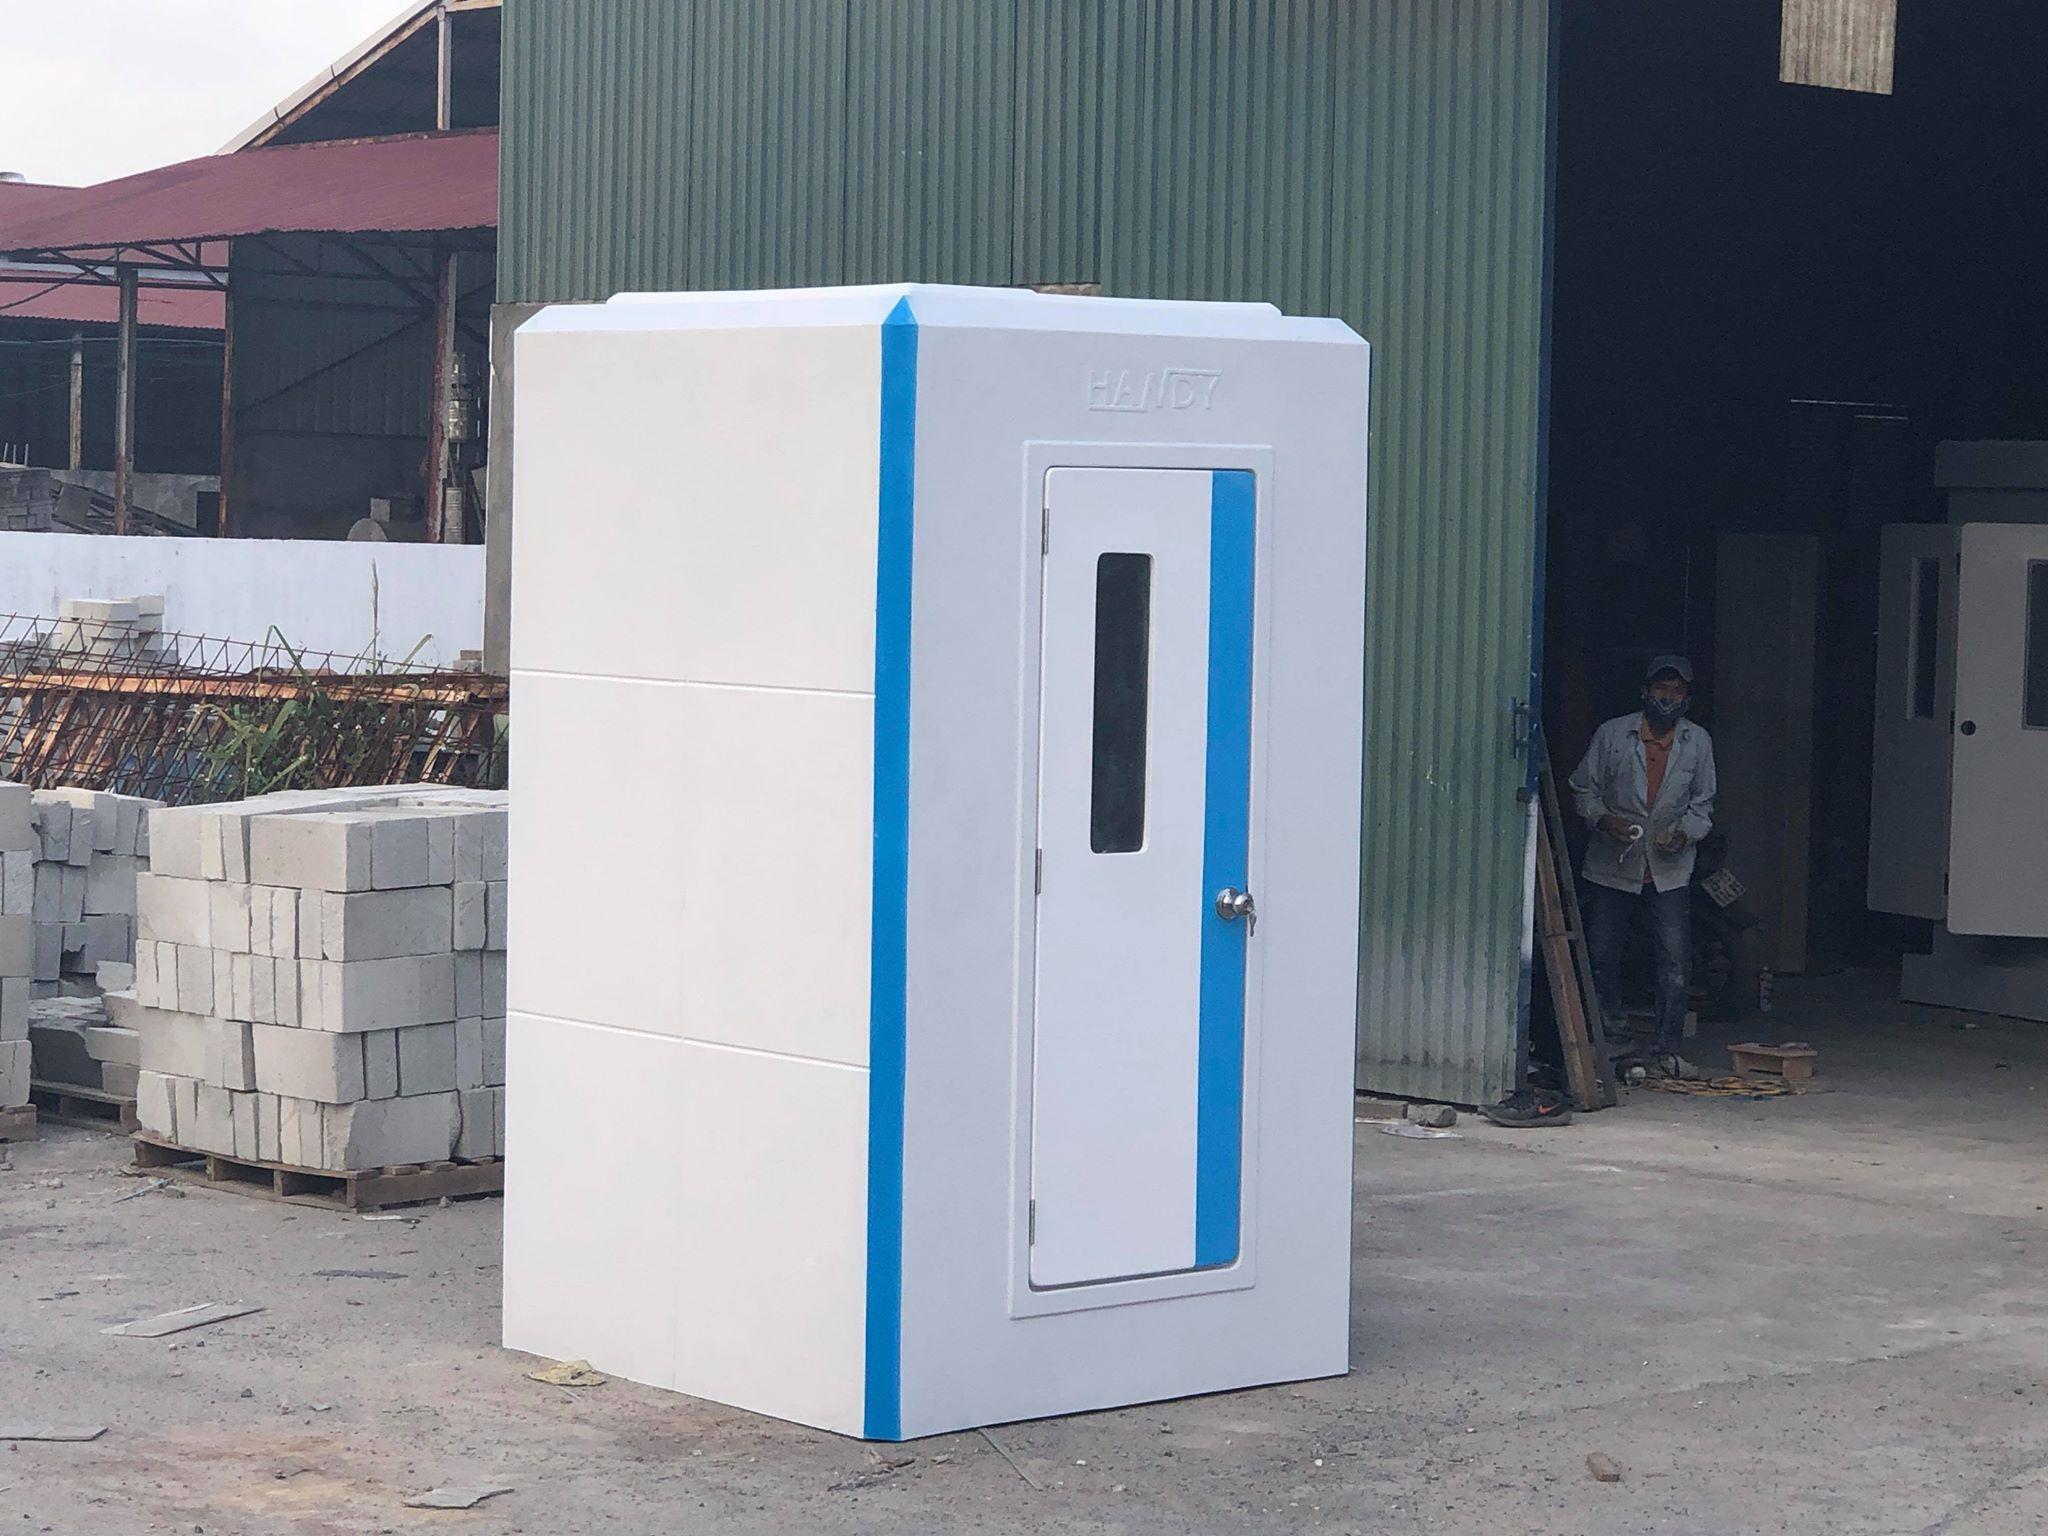 Nhà vệ sinh di động liền phòng tắm HANDY V17.2 có kết cấu liền khối vững chắc, chống va đập